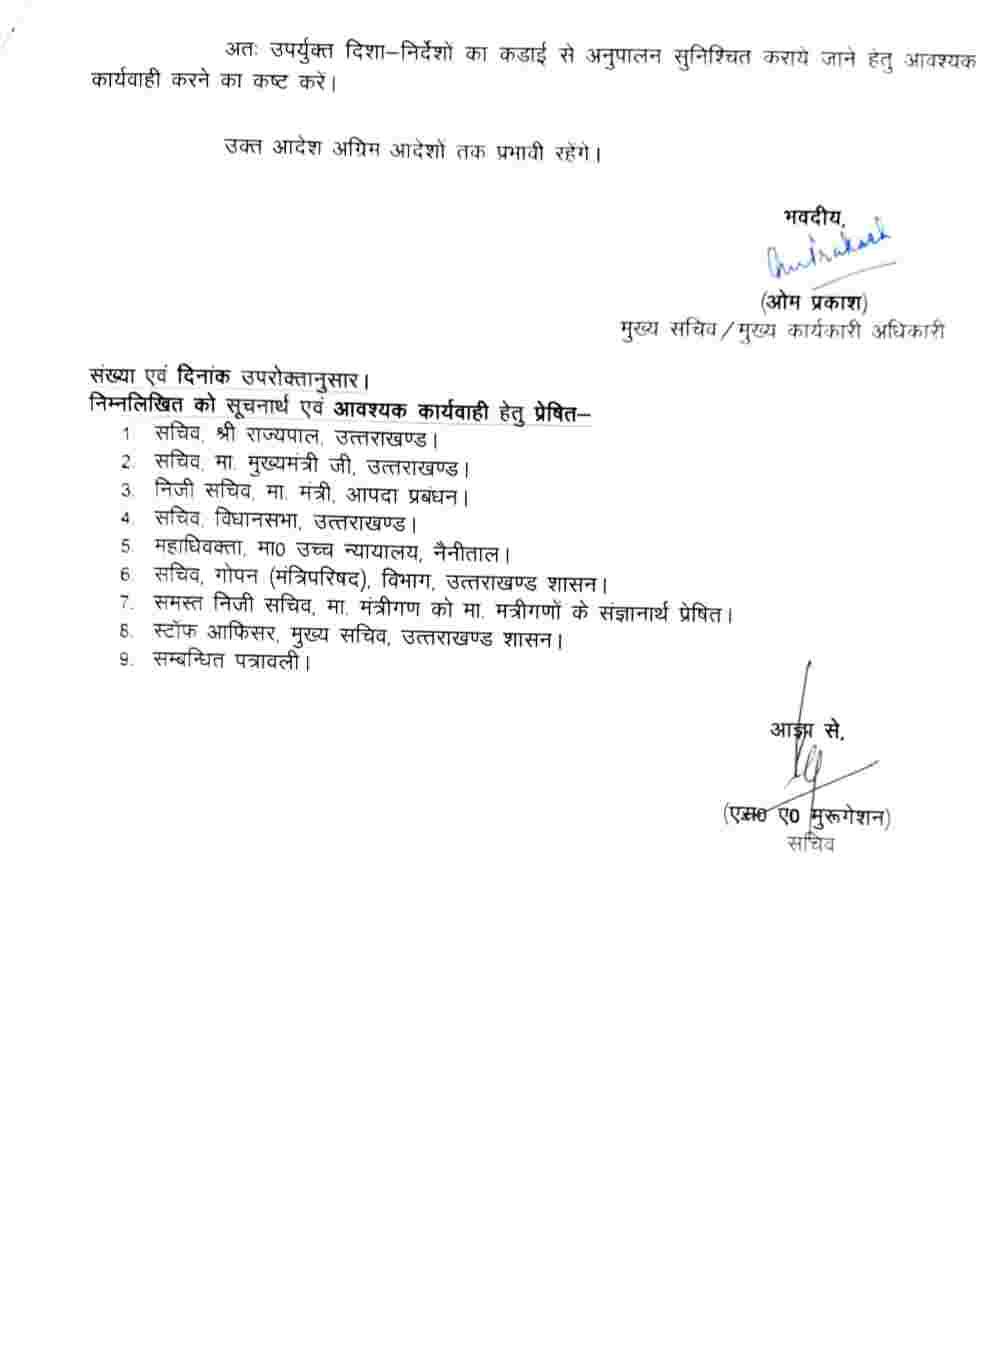 एलटी भर्ती परीक्षा एवं प्रदेश में होने वाली अन्य परीक्षाओं को लेकर मुख्य सचिव ओमप्रकाश ने किए आदेश जारी, जाने क्या है आदेश 3